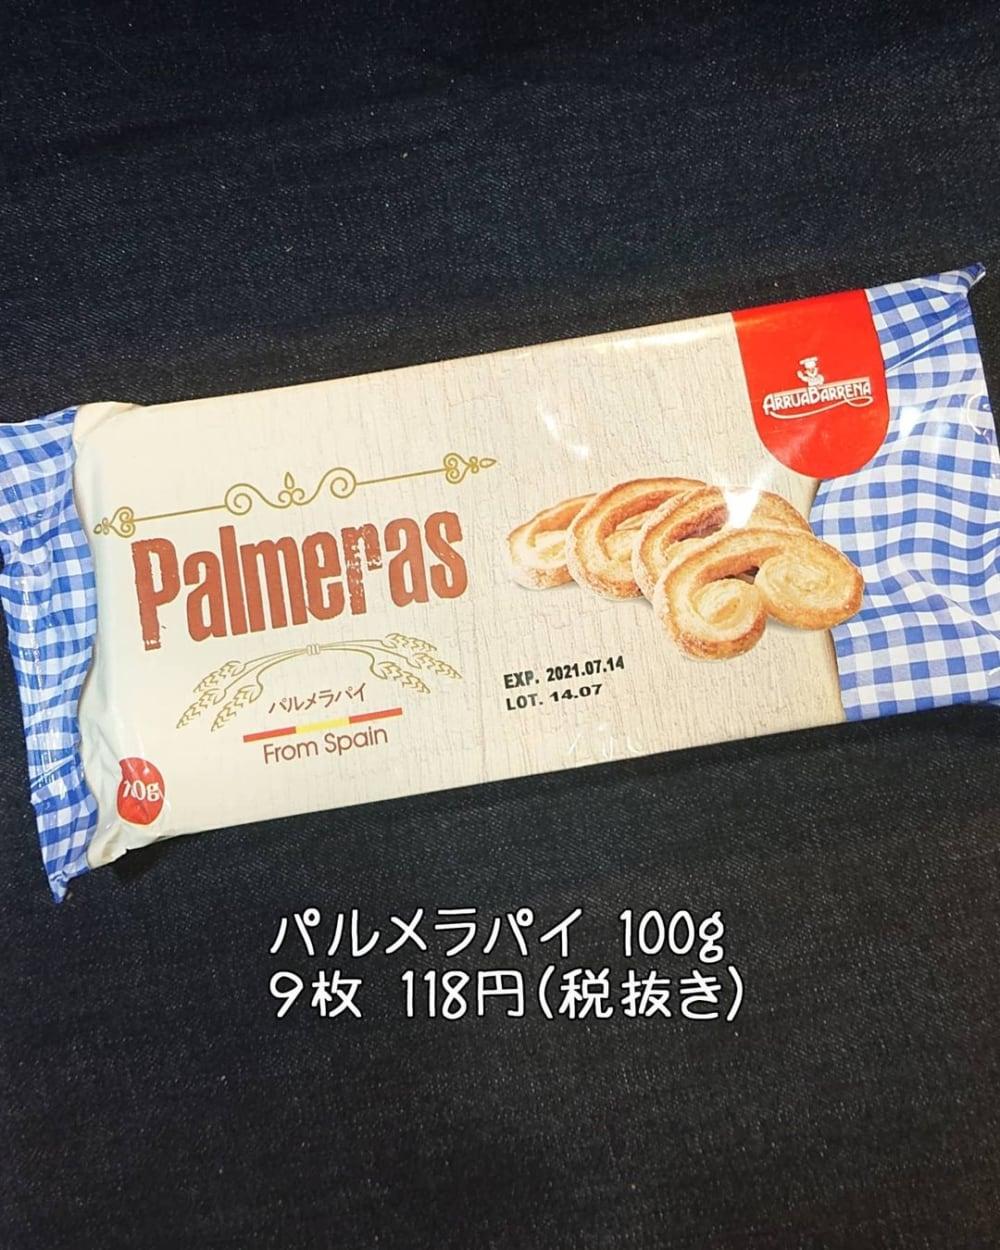 業務スーパーのパルメラパイのパッケージ写真